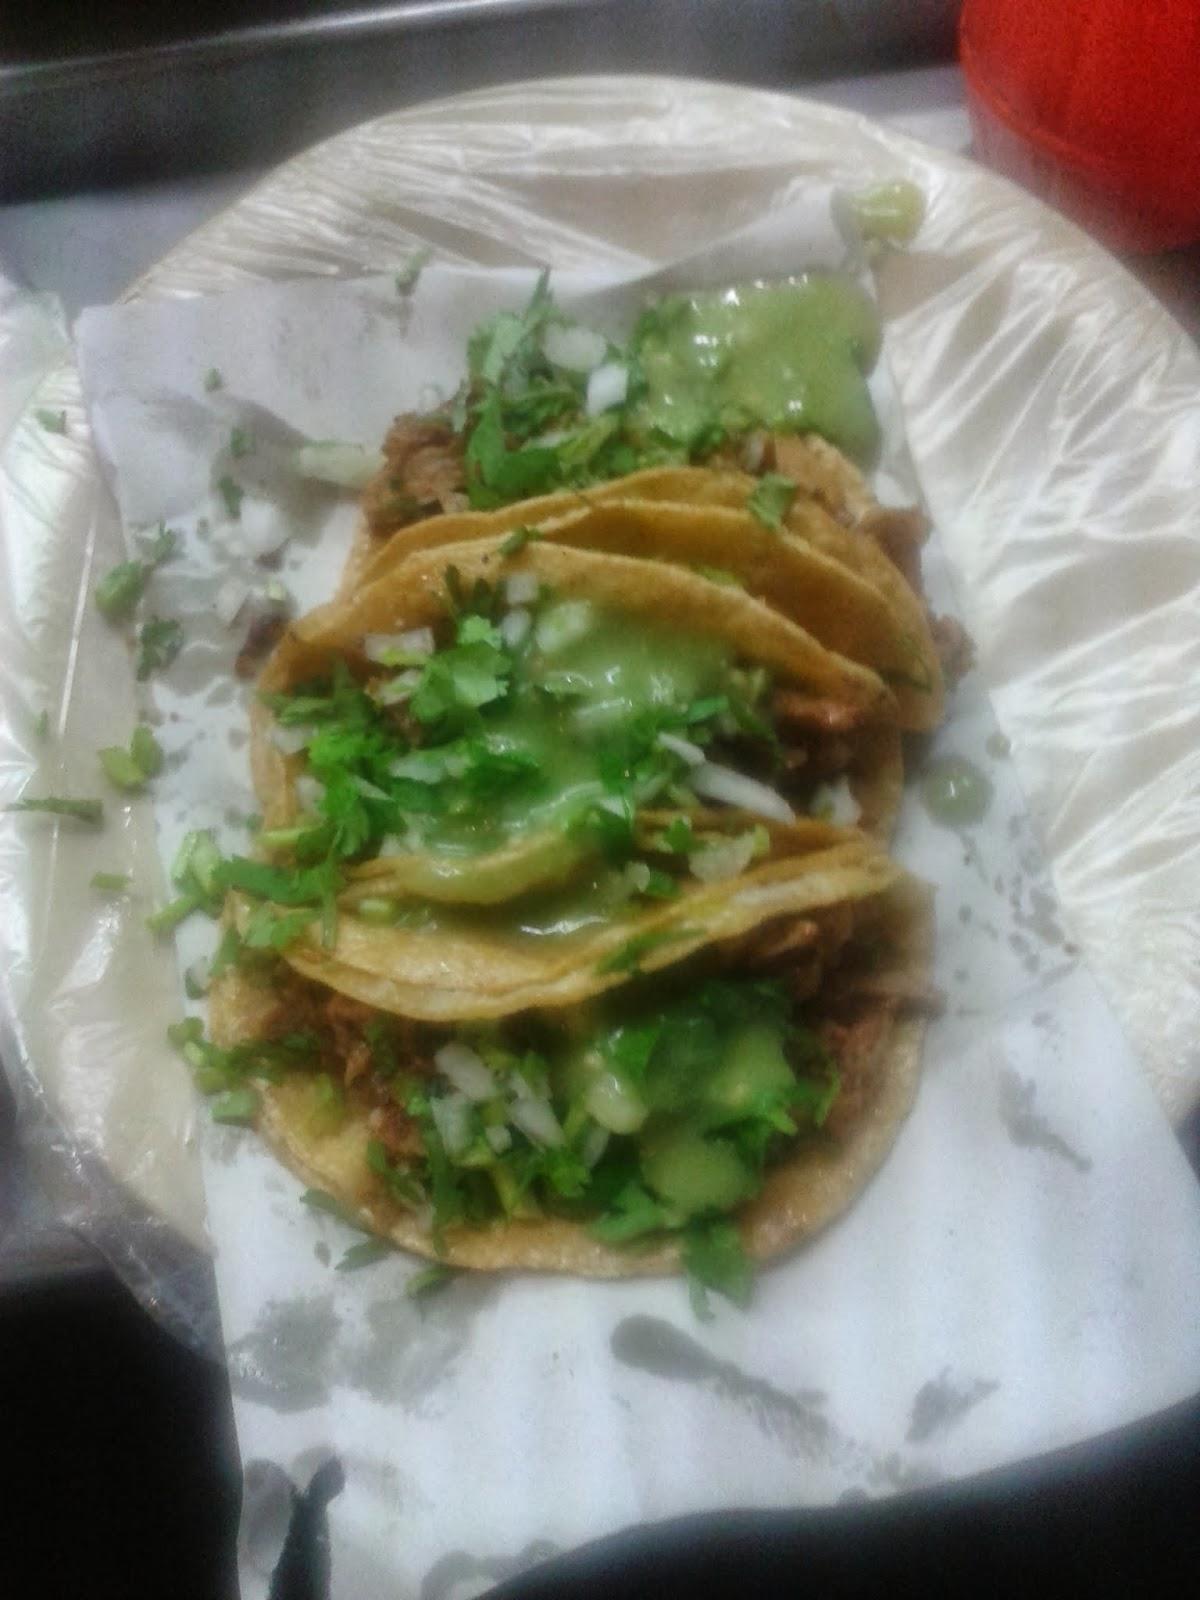 Paddis Blog: Mein Reise Blog: Preise und Essen in Mexico